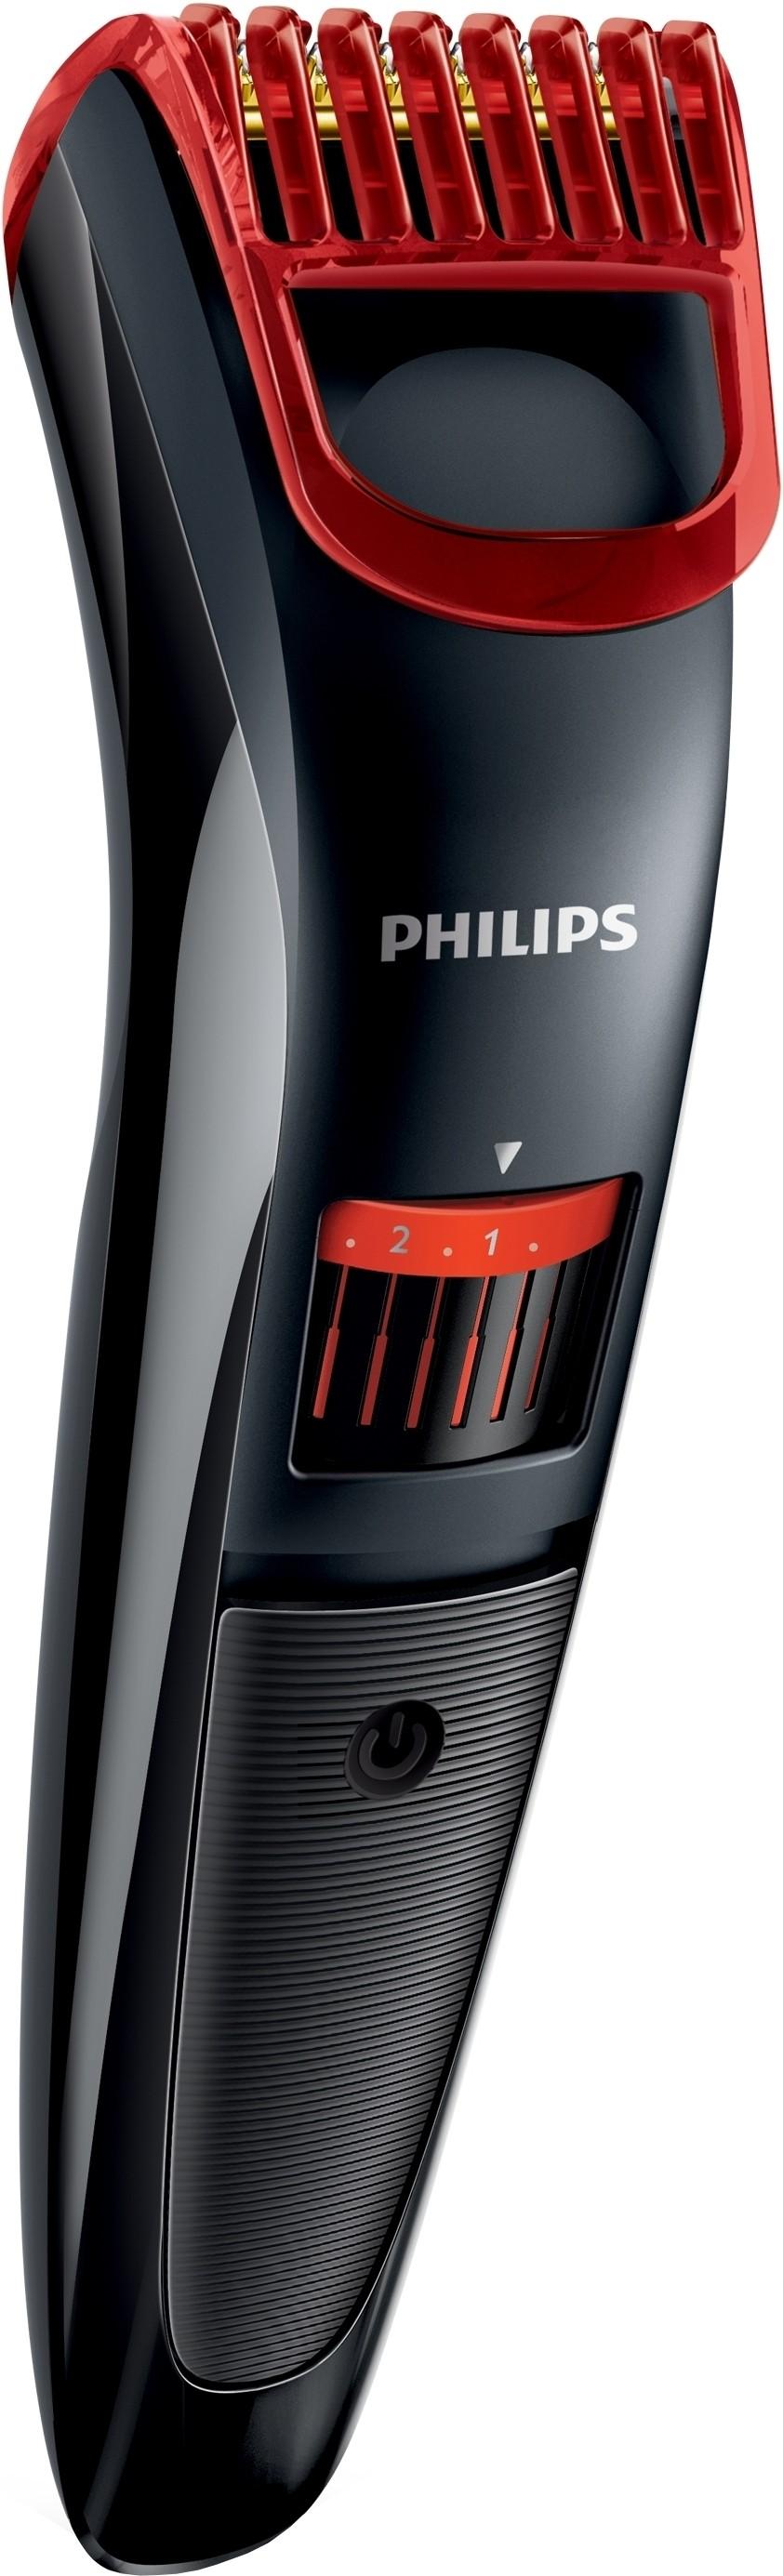 Flipkart - Philips Beard Trimmer